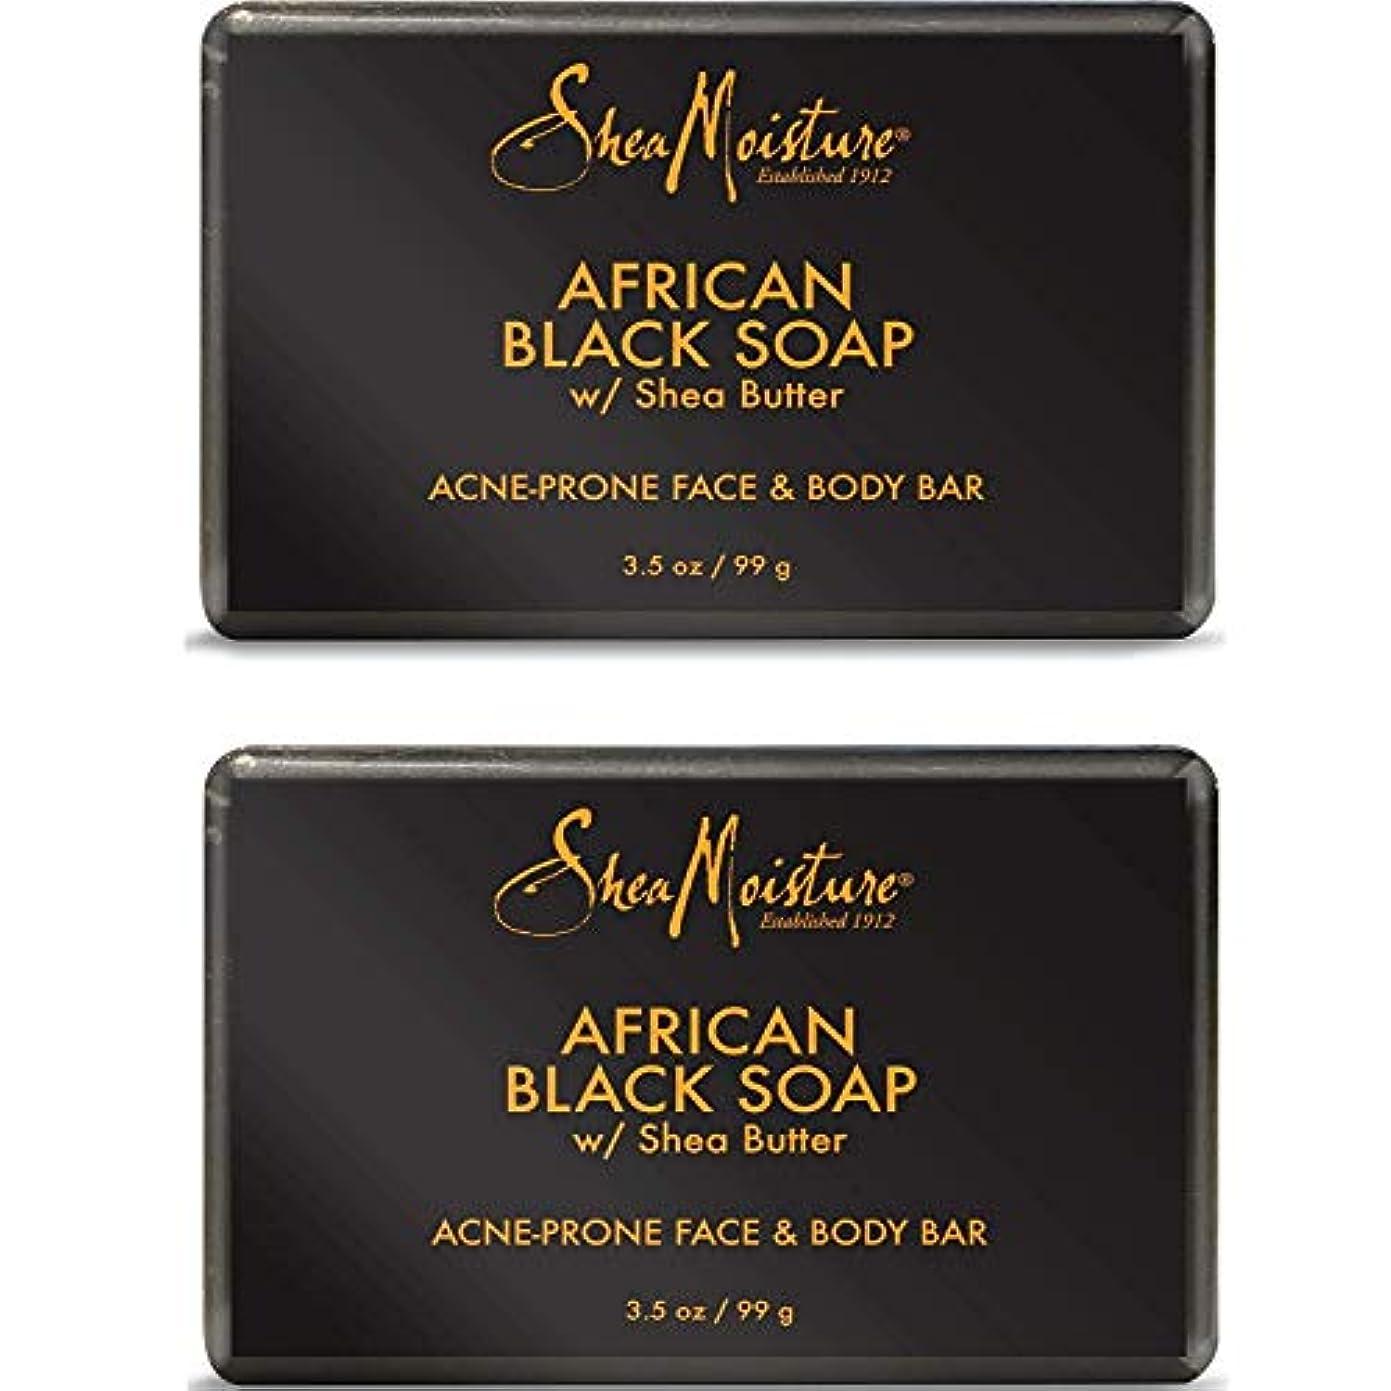 戦う安心させるラオス人Shea Moisture アフリカンブラックソープバー、3.5オズ、2パック 2パック